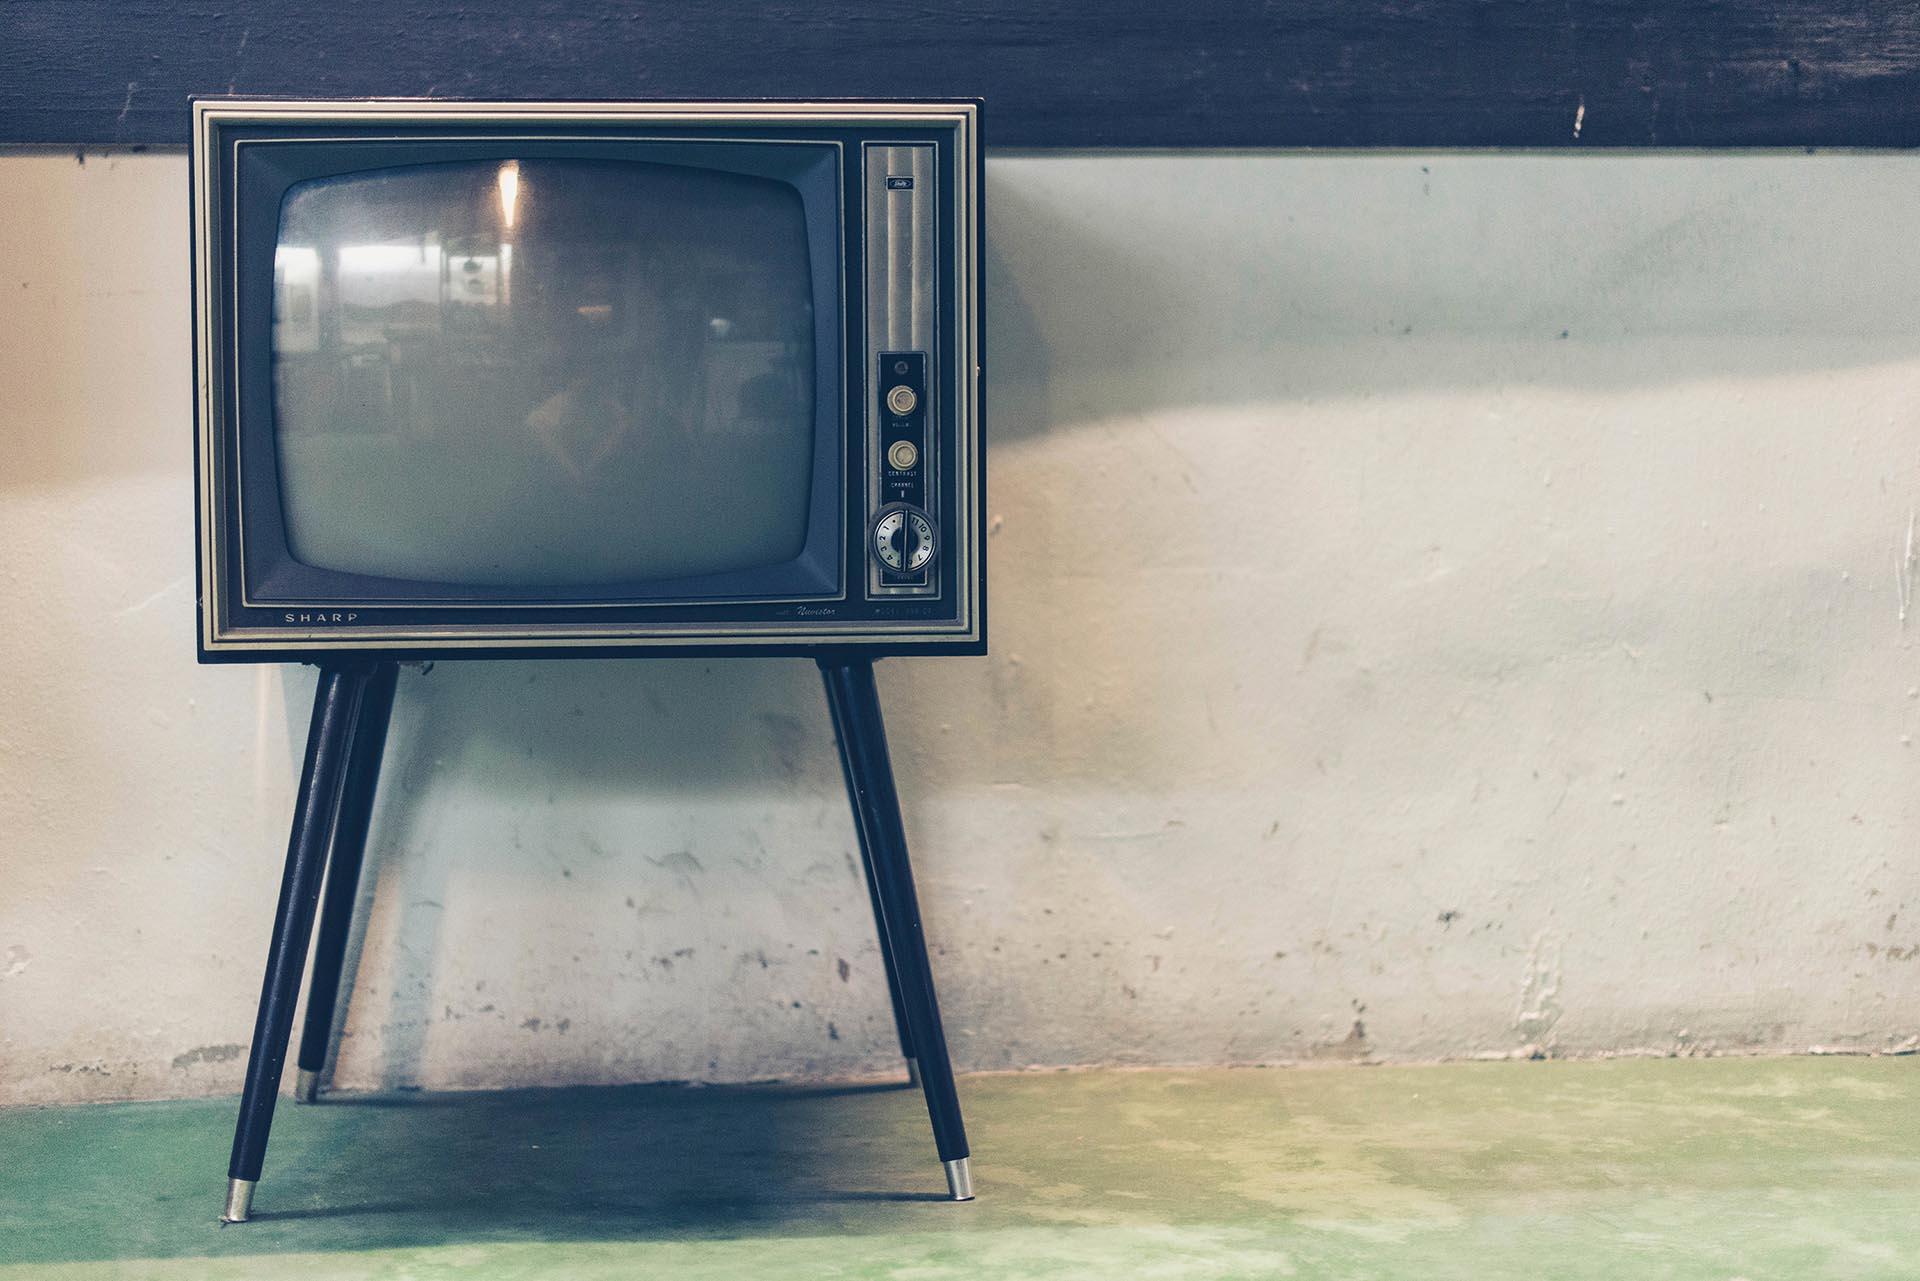 Digital markedsføring: tradisjonelle medier